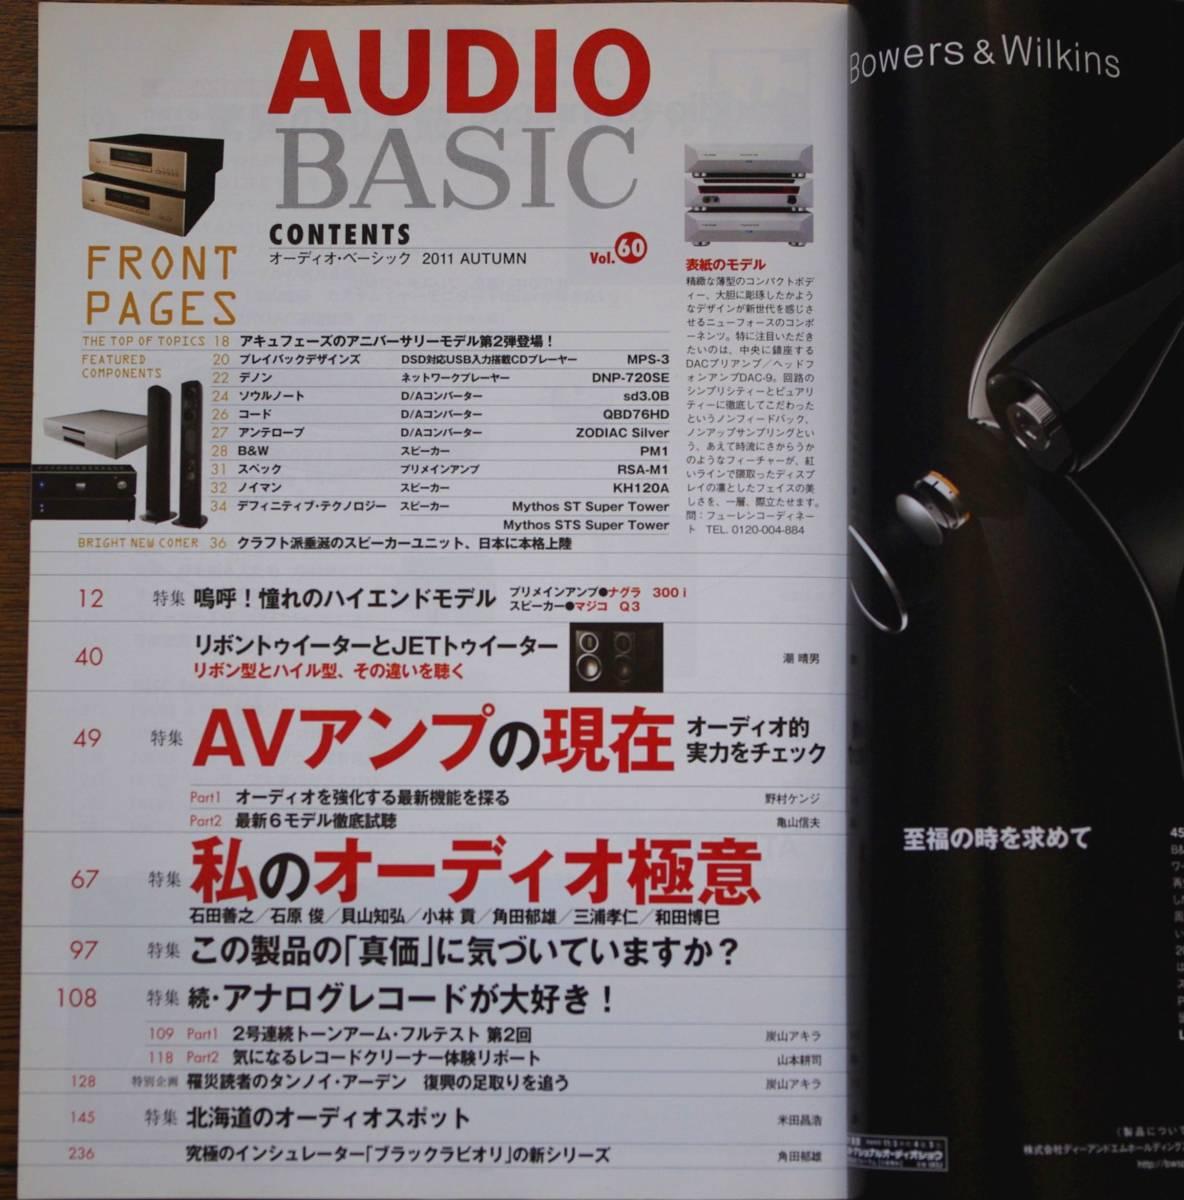 【雑誌】AUDIO BASIC オーディオベーシック 2011年 10月号 VOL.60  CD付き_画像3